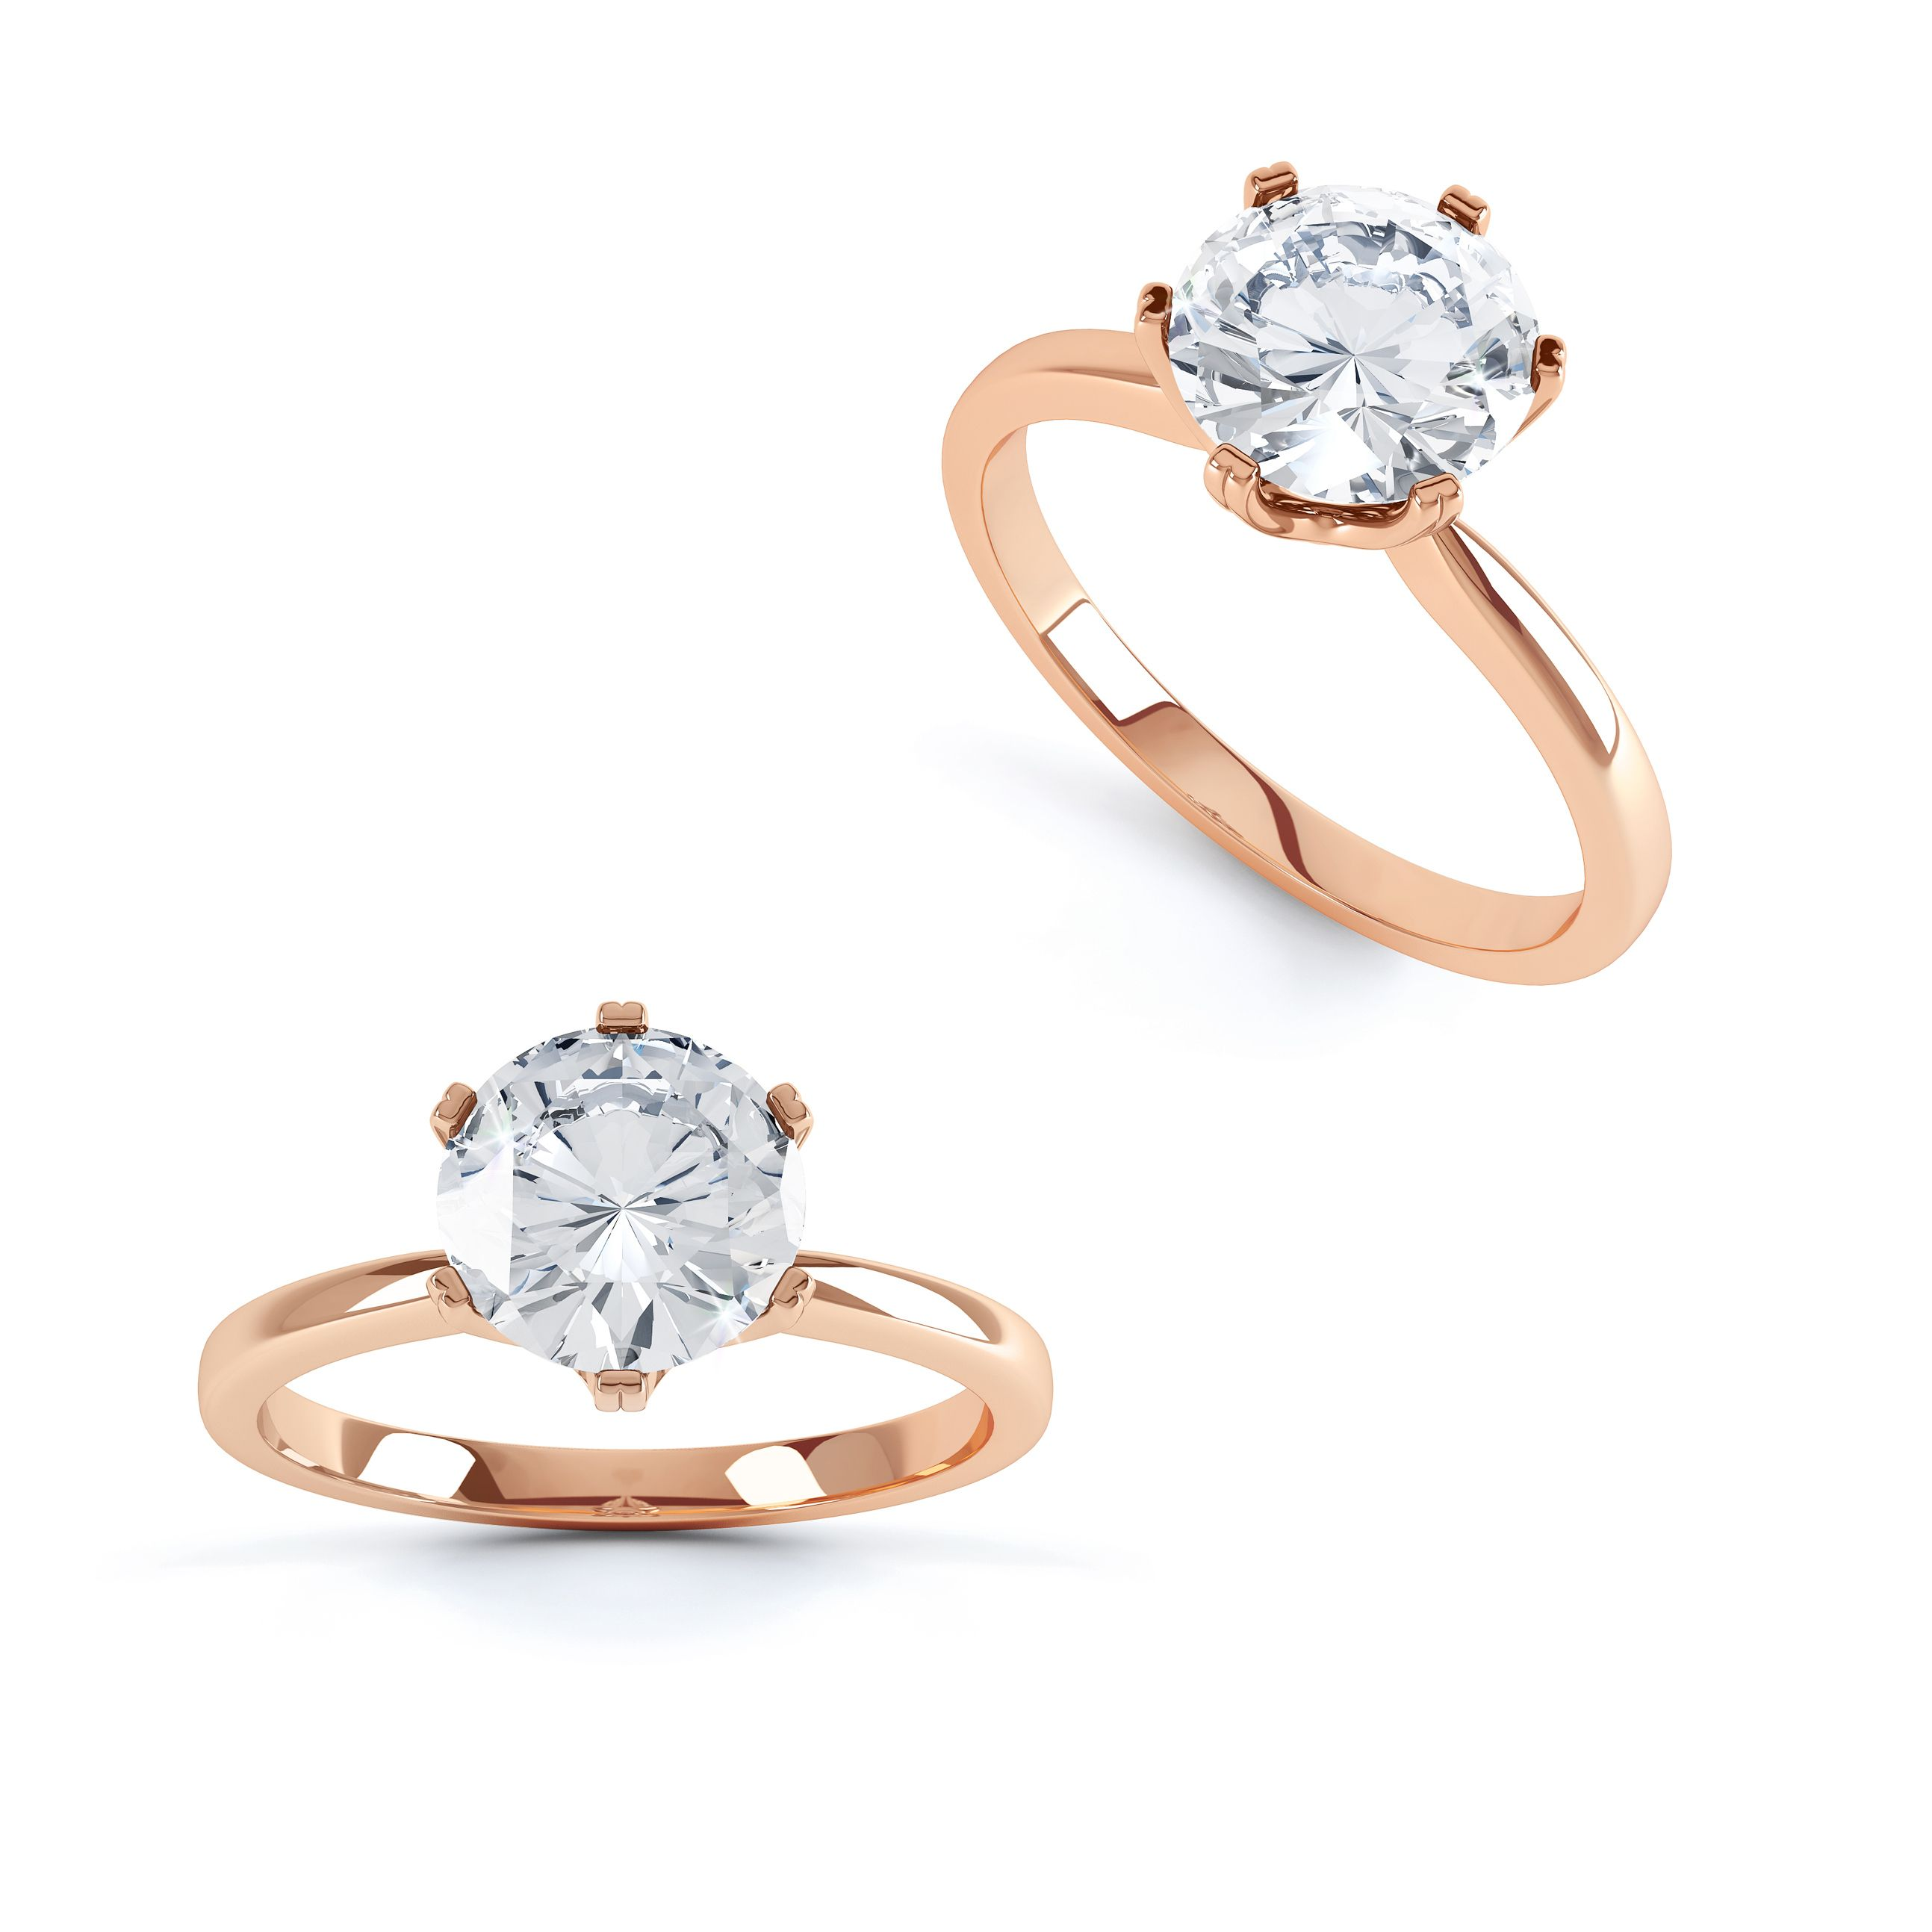 Serenity Moissanite 18k Rose Gold Solitaire Ring Moissanite Engagement Ring Rose Gold Rose Gold Solitaire Ring Forever Brilliant Moissanite Ring